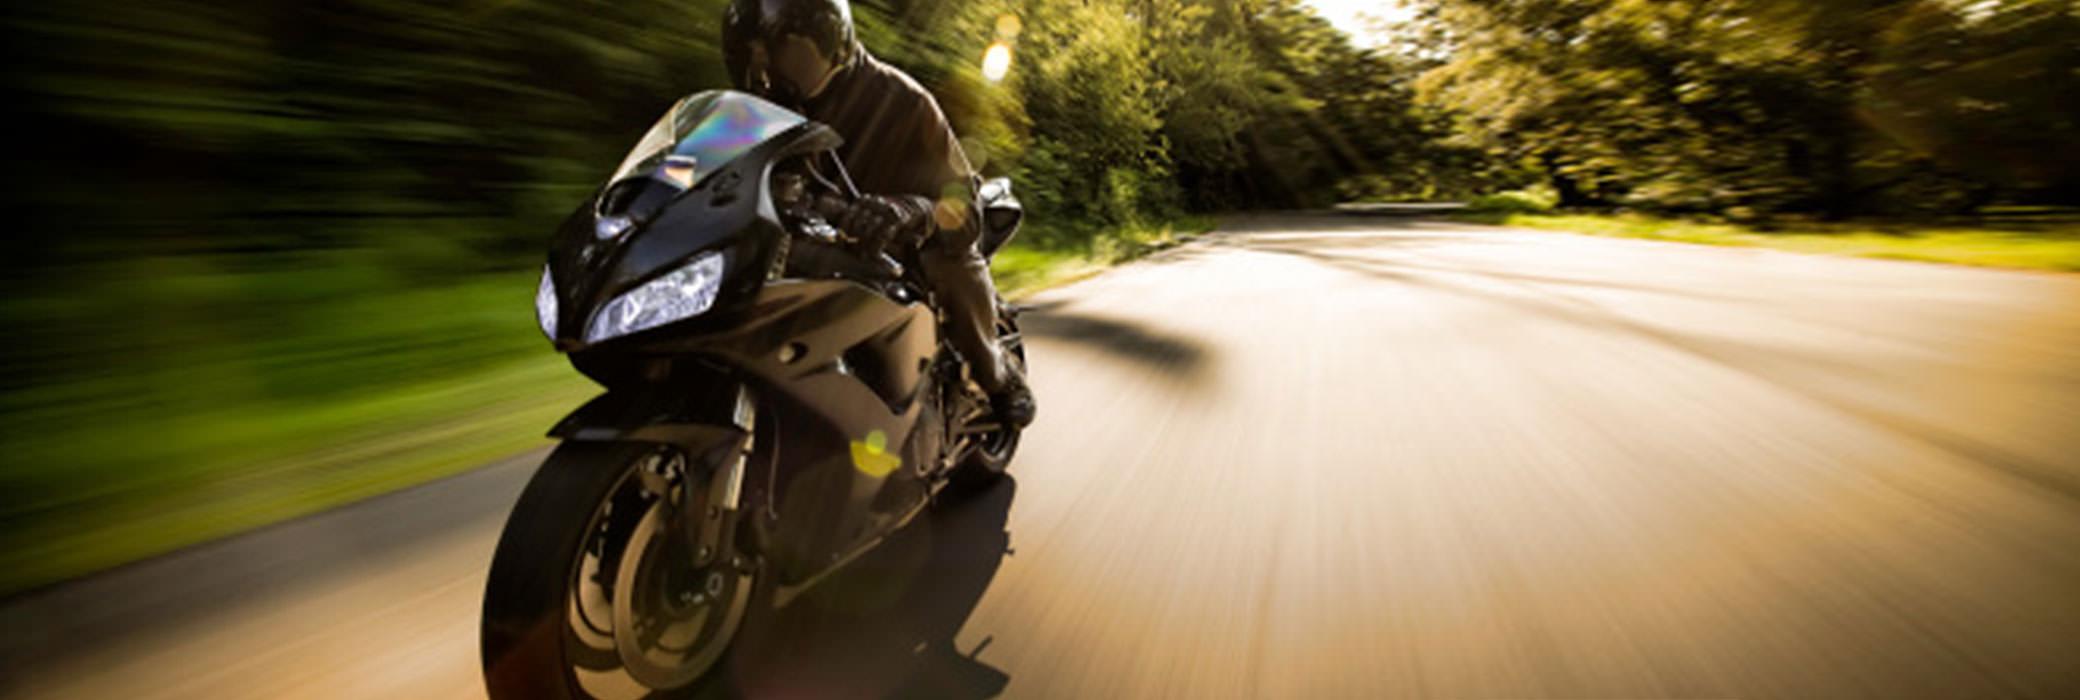 Mustapukuinen mies ajaa mustalla moottoripyörällä puiden reunustamalla maantiellä